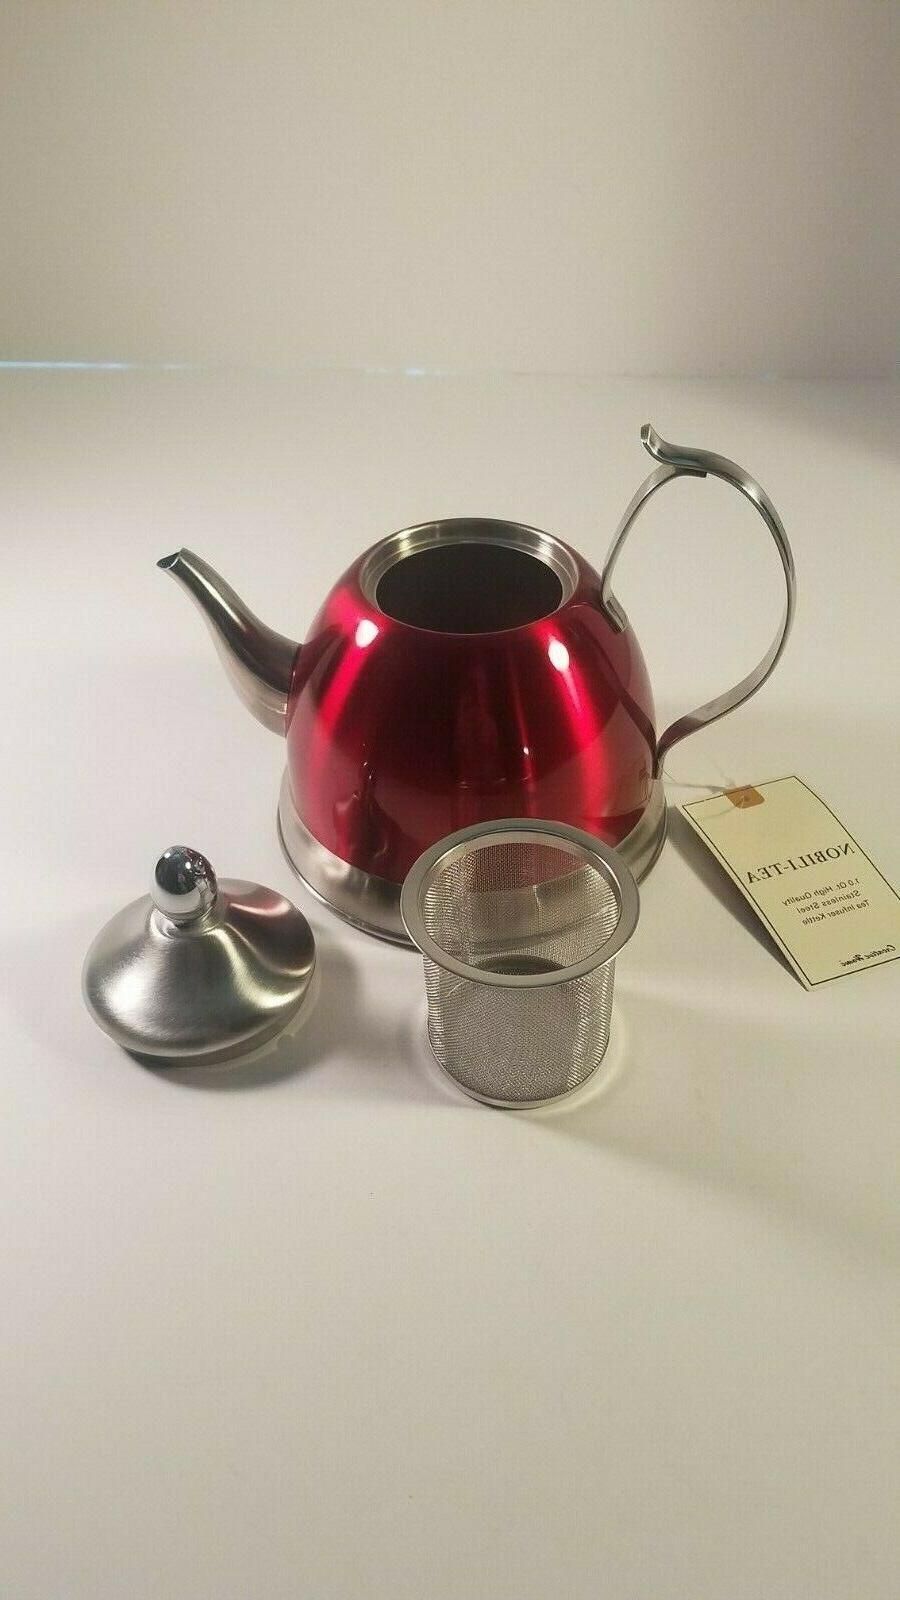 nobili tea stainless kettle